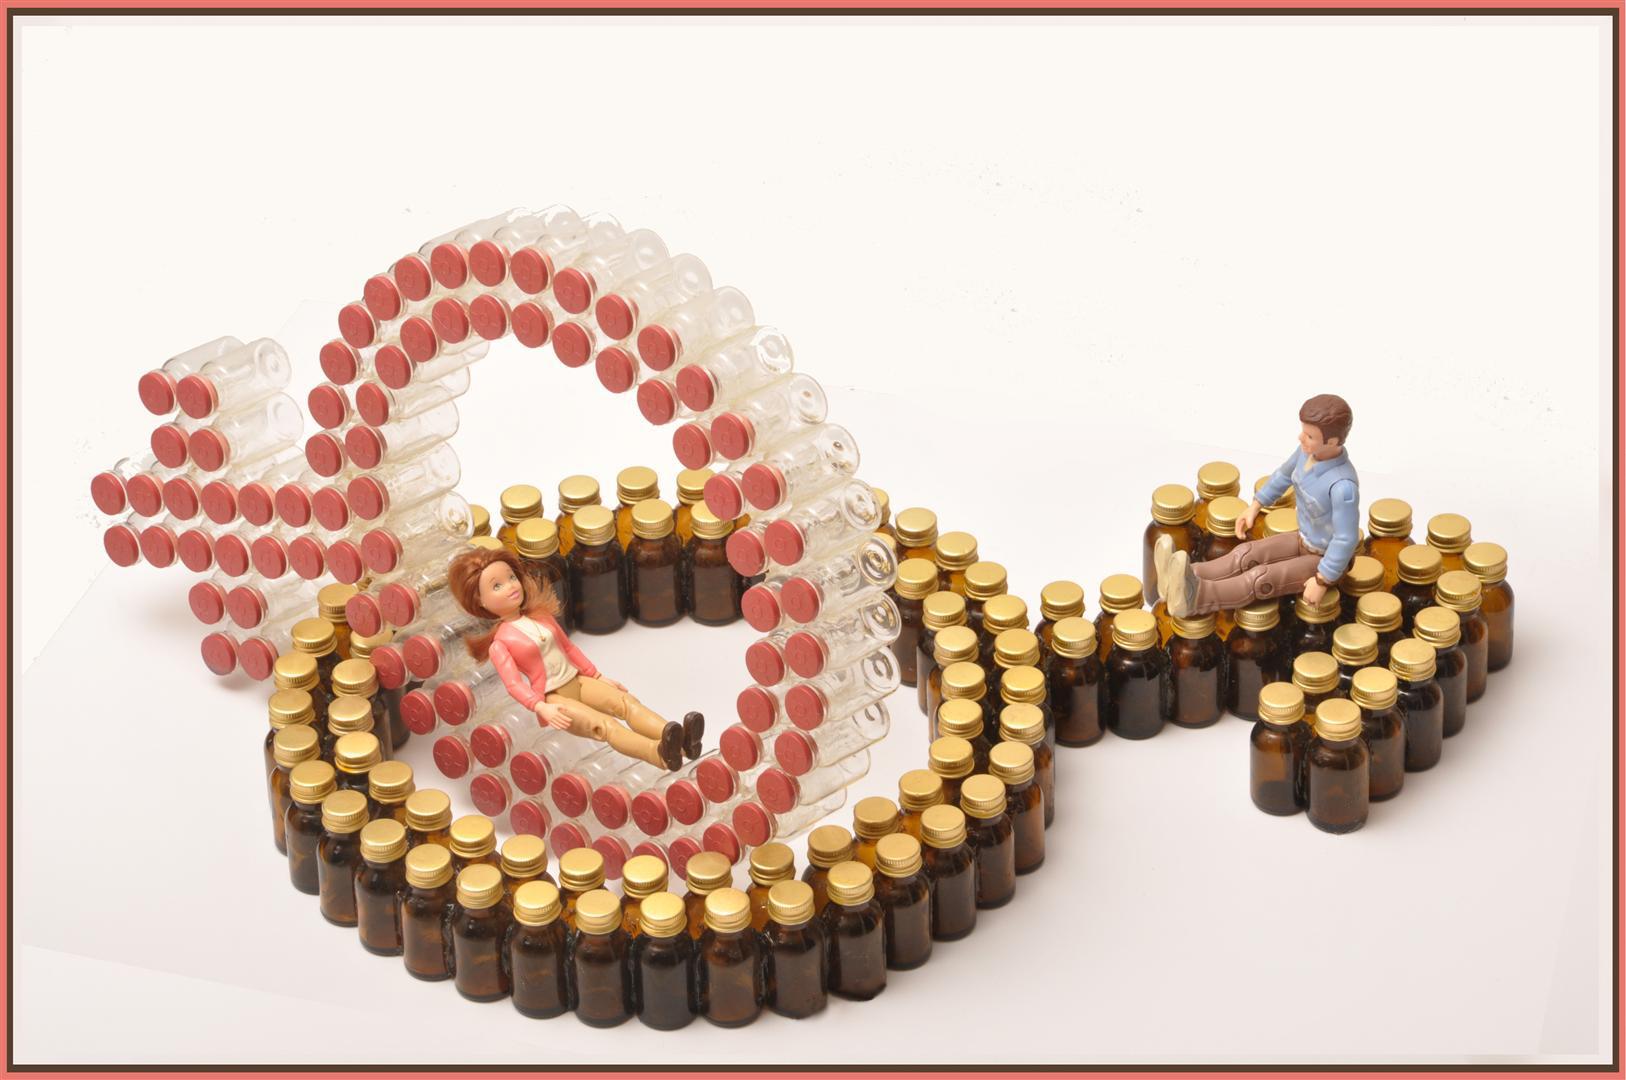 זוגיות שבירה - פיסול מבקבוקי זכוכית בשימוש חוזר